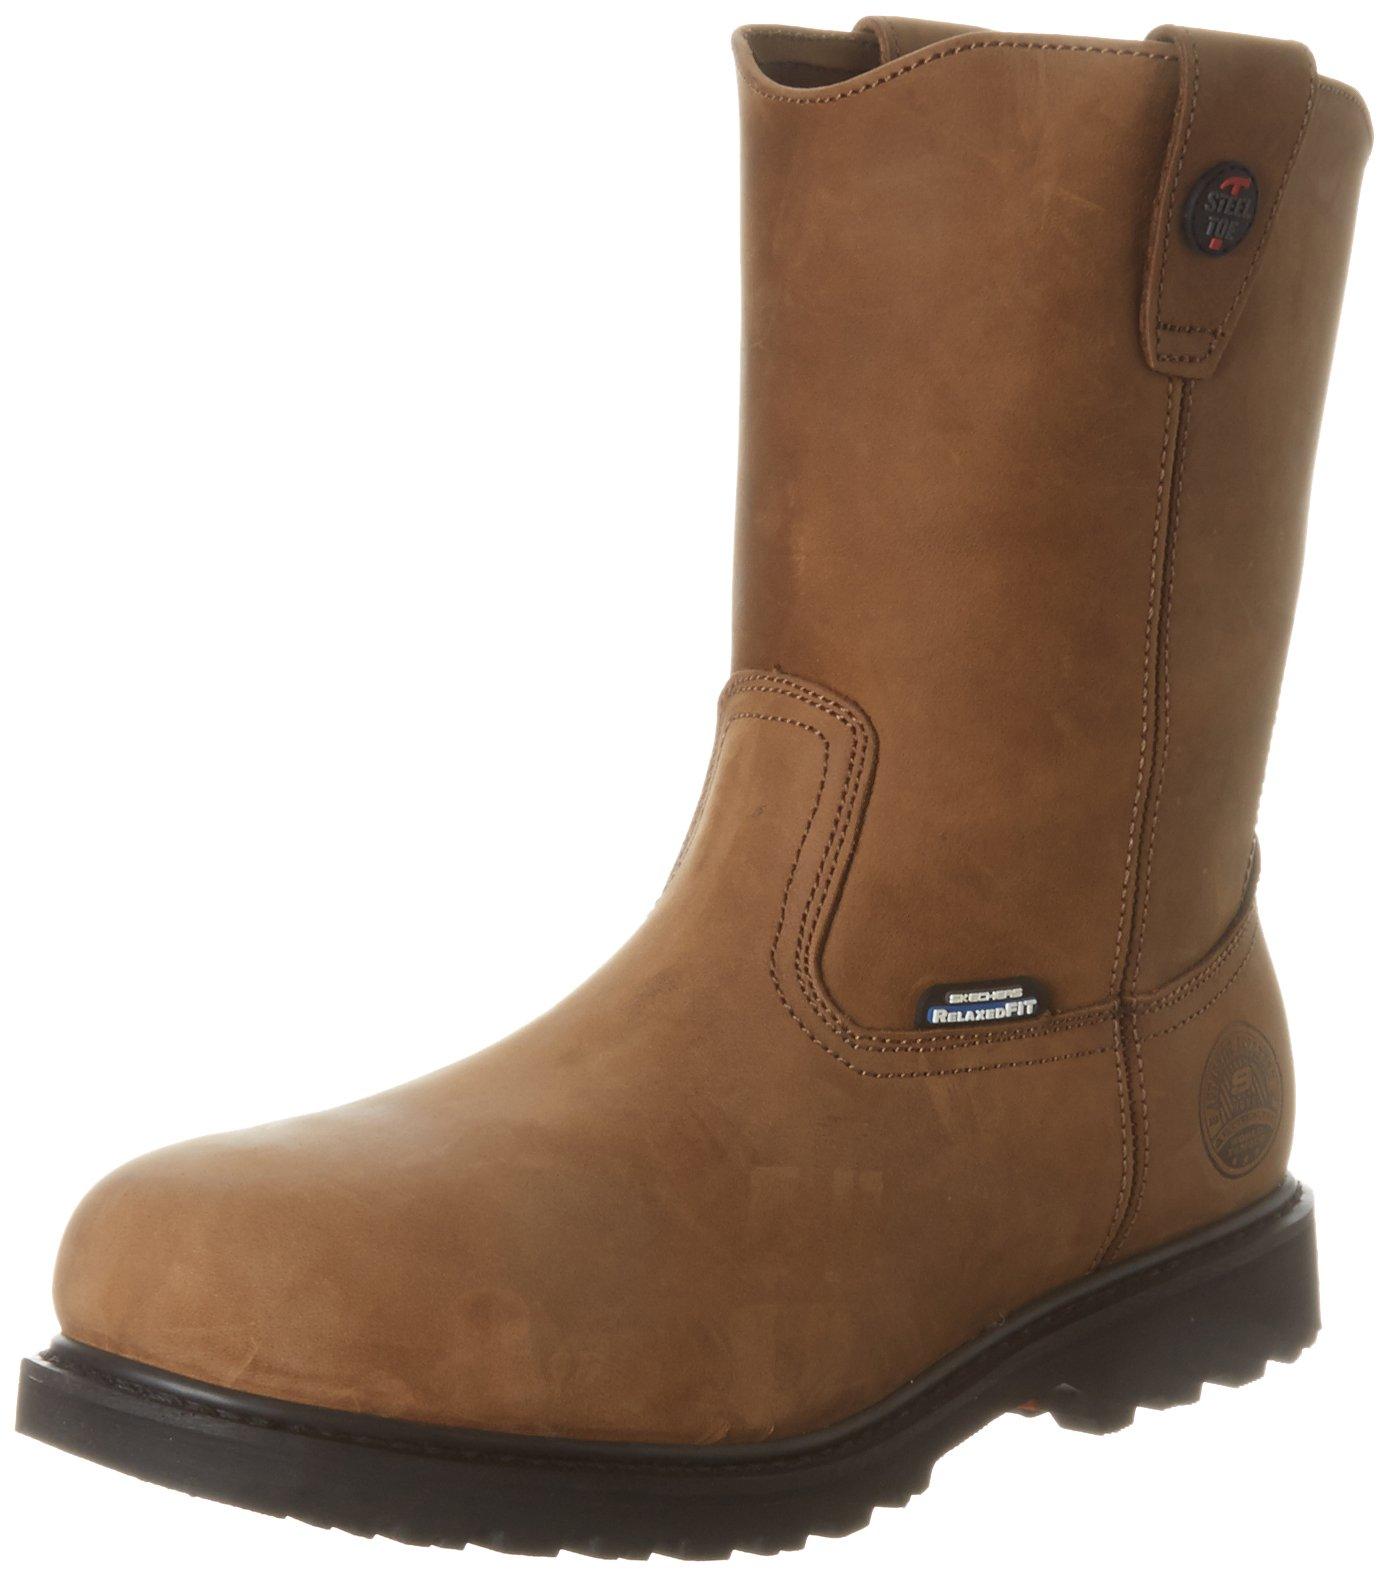 Skechers for Work Men's Ruffneck Steel Toe Work Boot,Dark Brown,11 M US